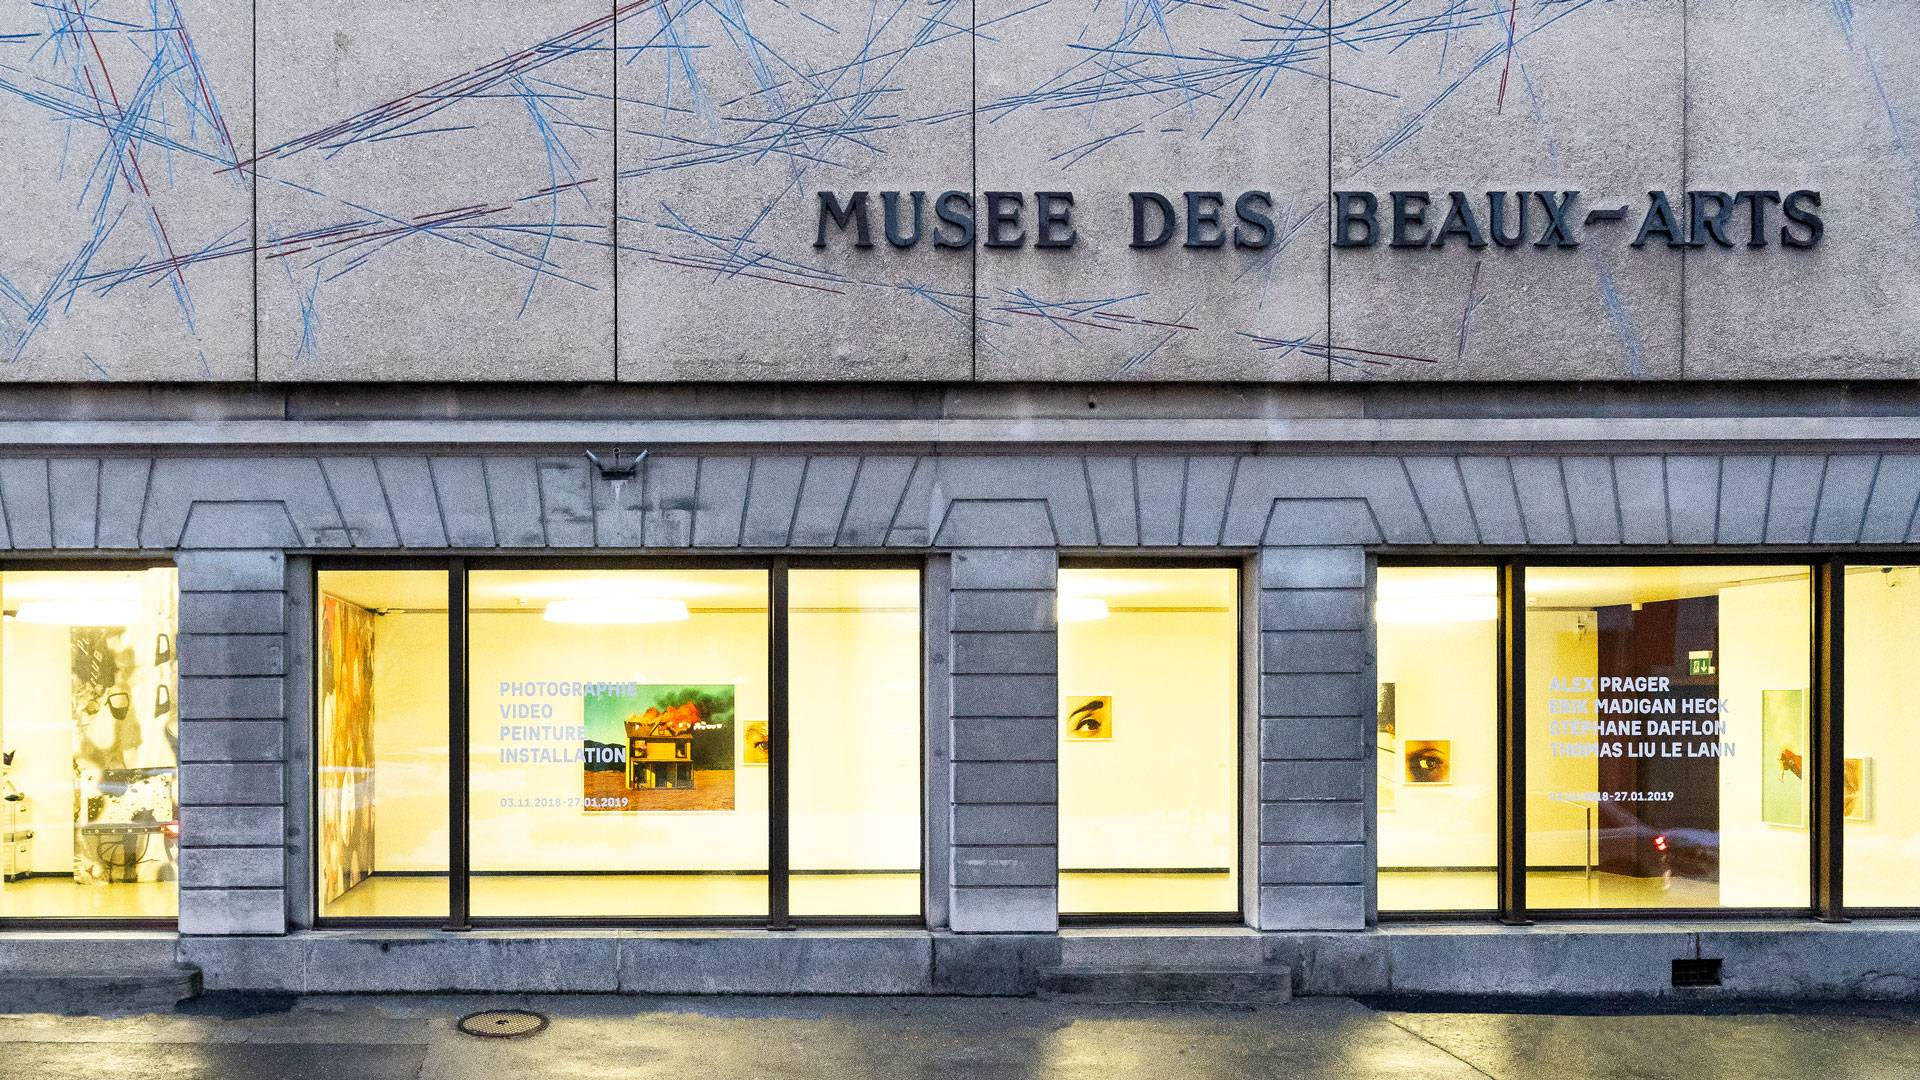 Musée des beaux-arts, Le Locle © Giona Mottura